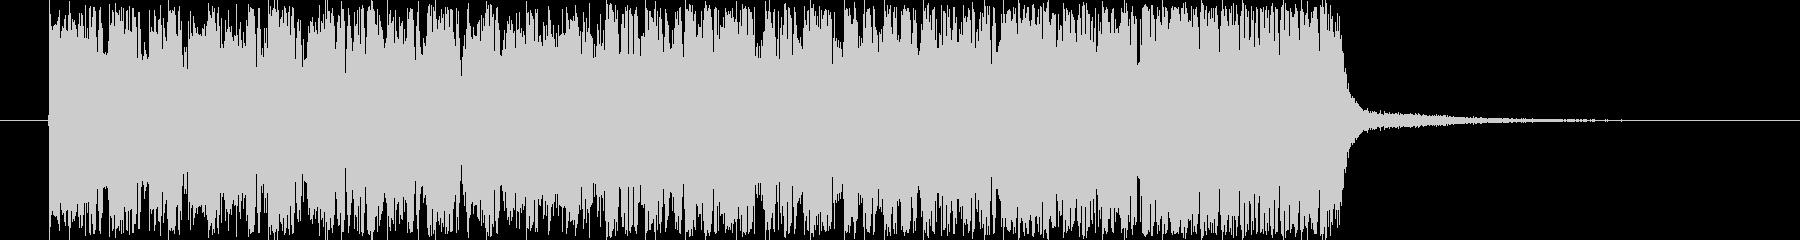 シンセサイザーのジングルです。の未再生の波形